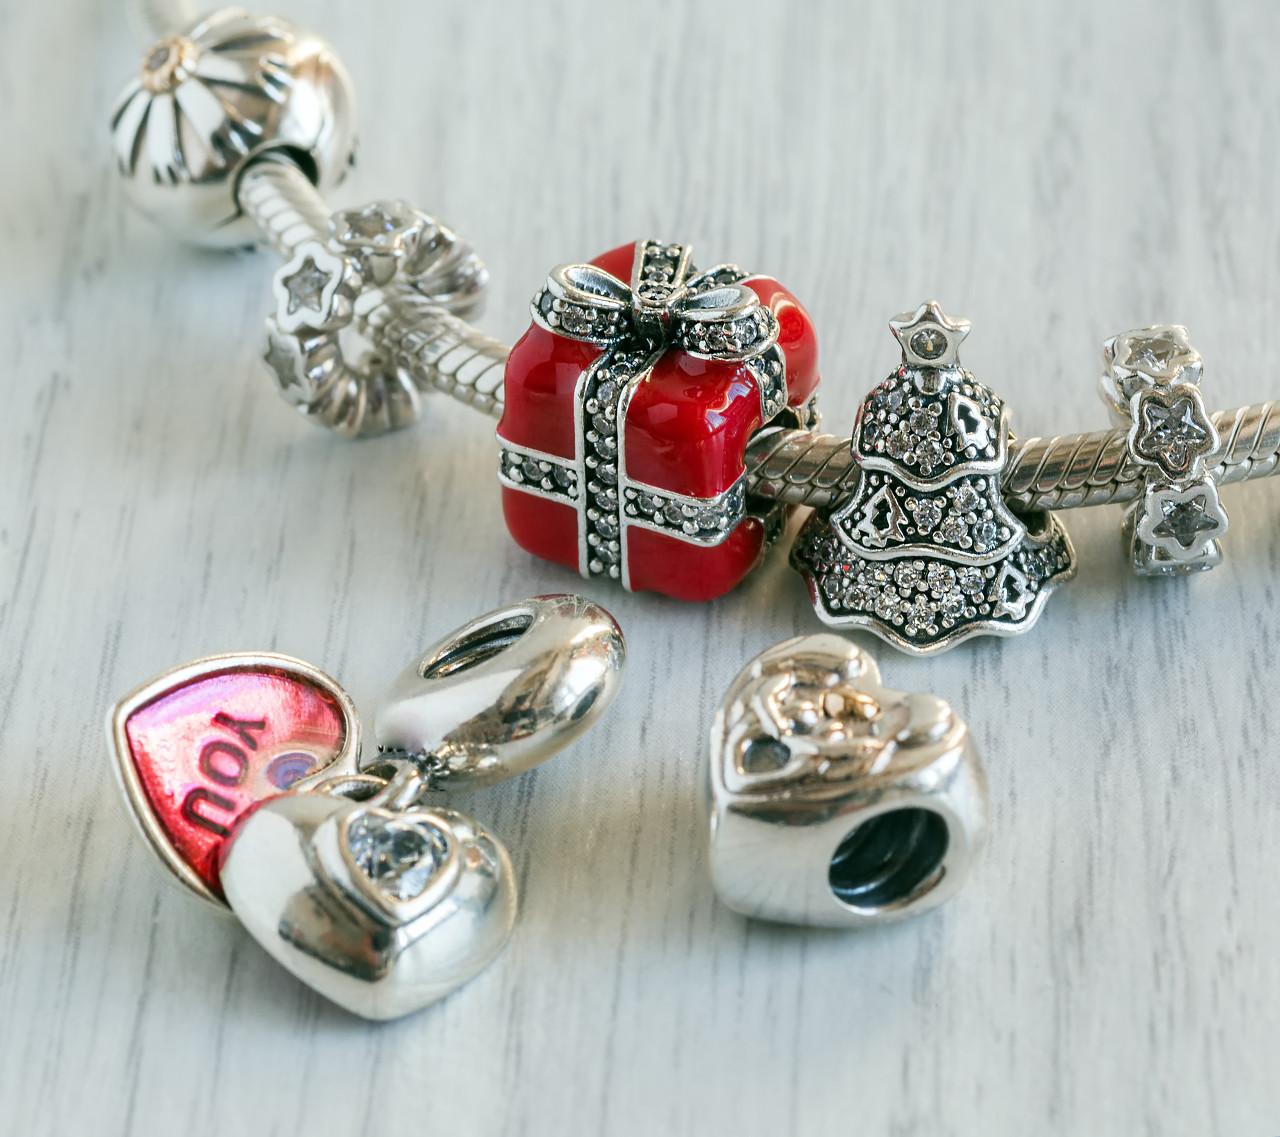 轻奢珠宝品牌在中国市场的近况